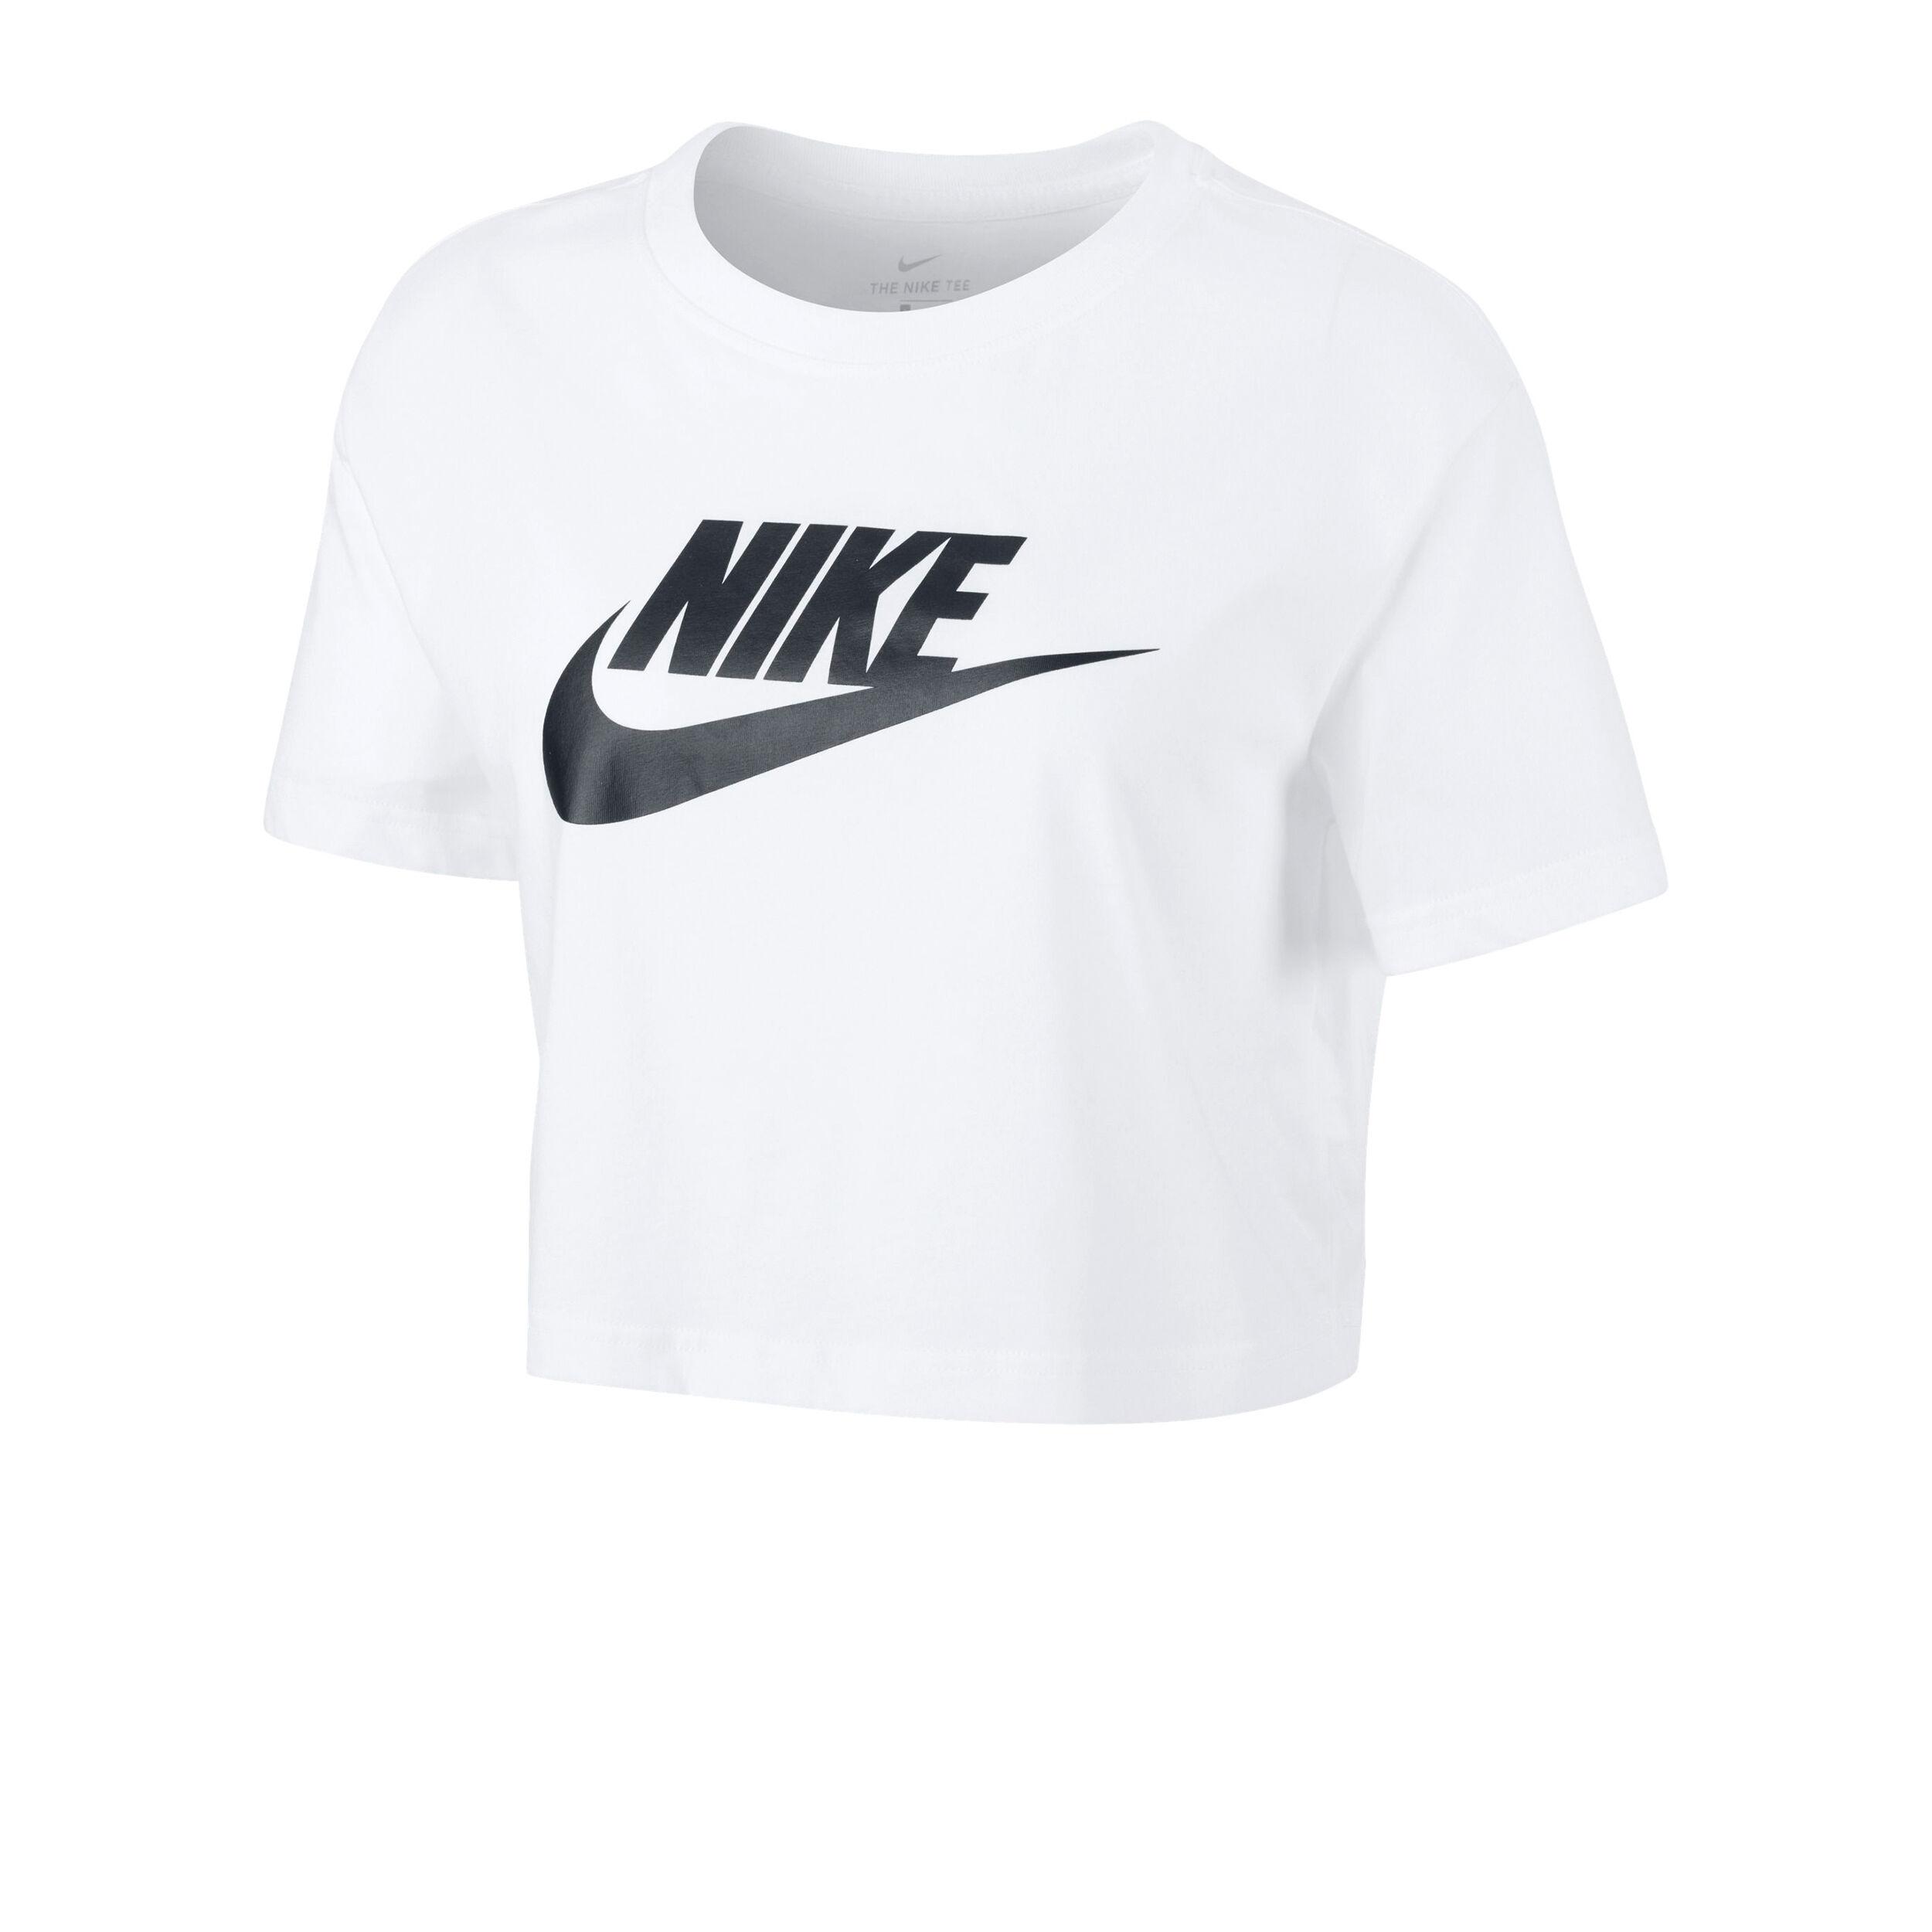 Nike Sportswear Essential Icon Future Crop T Shirt Damen Weiß, Schwarz